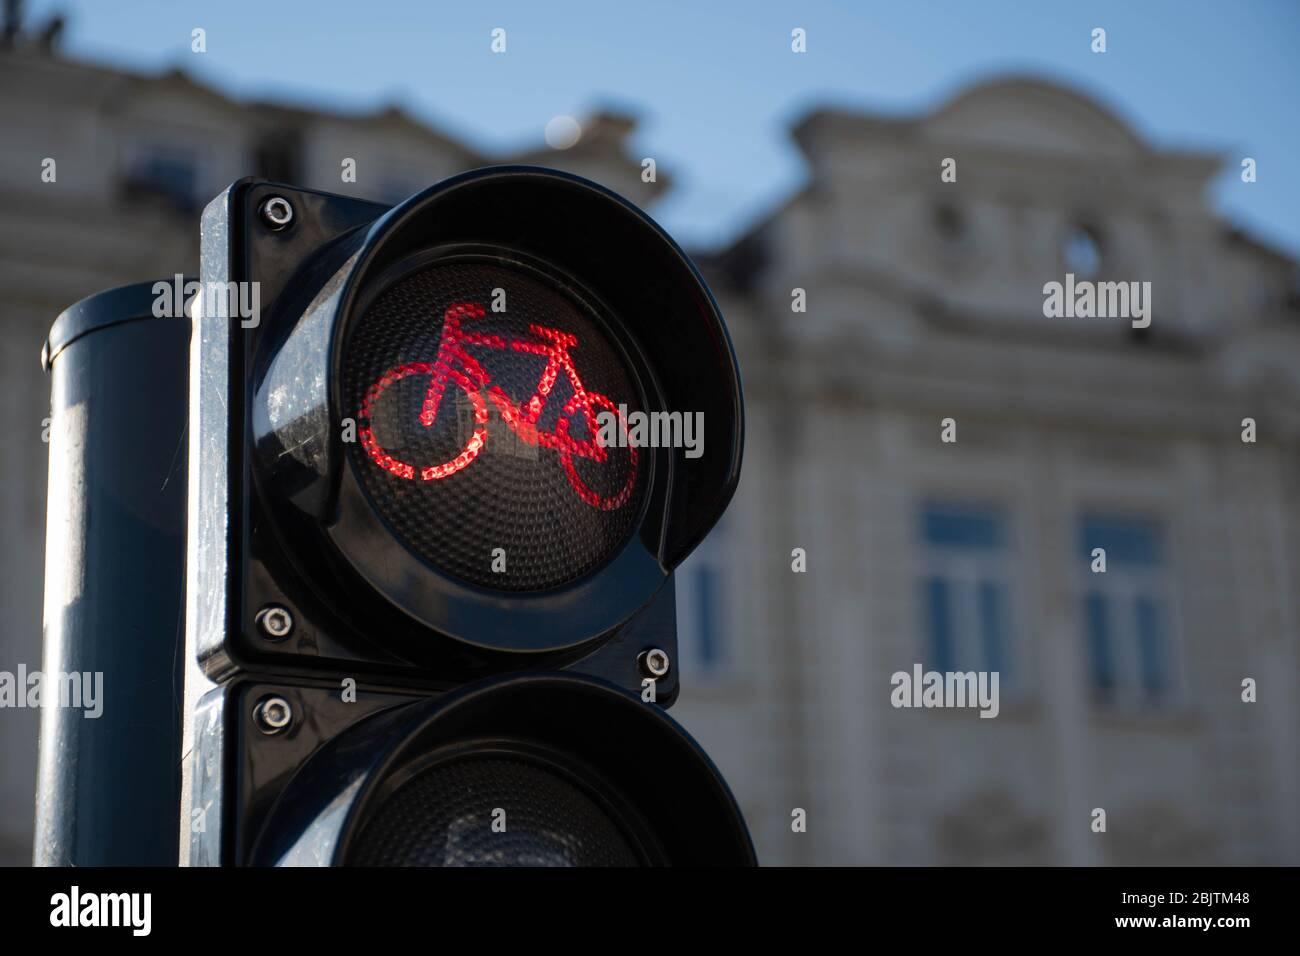 Nachhaltiger Verkehr. Fahrrad-Verkehrszeichen, rotes Licht, Rennrad, kostenlose Fahrrad-Zone oder Bereich, Fahrrad teilen Stockfoto